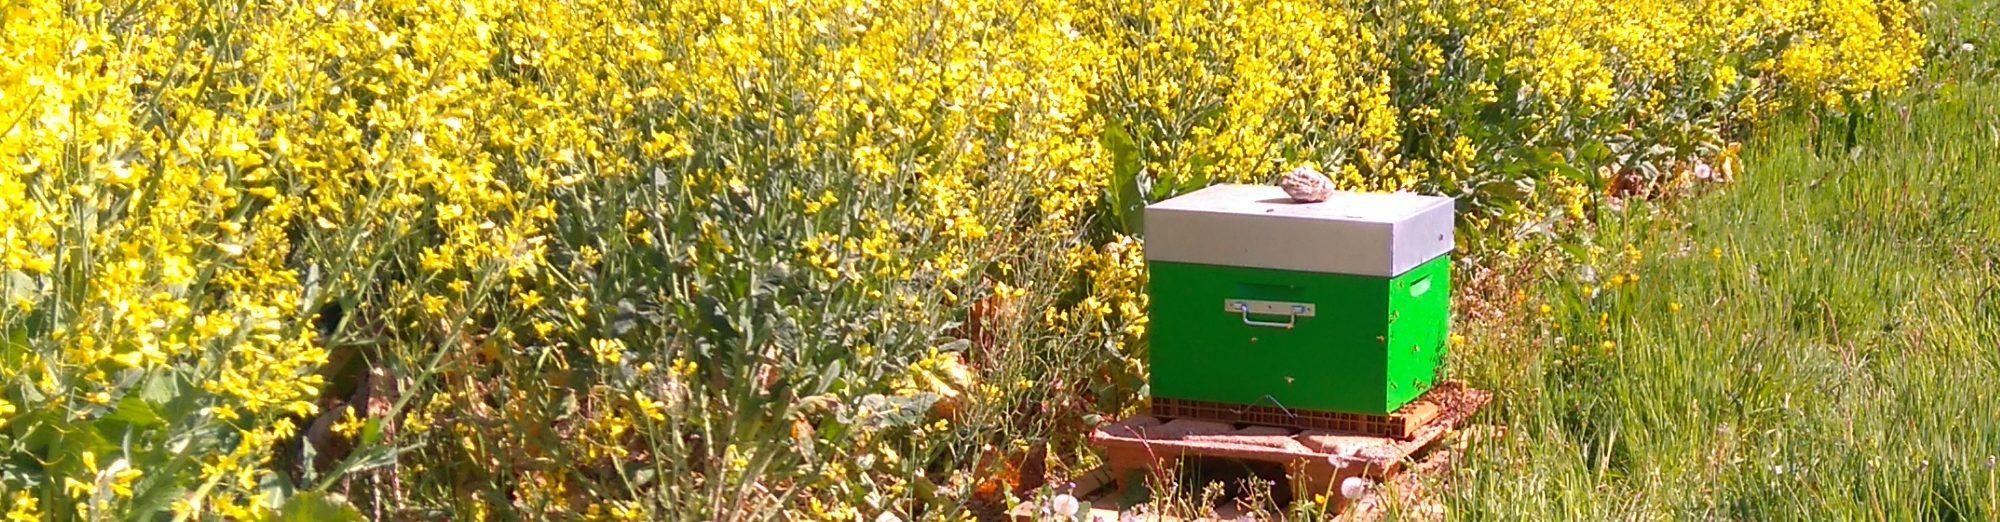 image d'une ruche dans un champ. Photo : Amaury Cormier